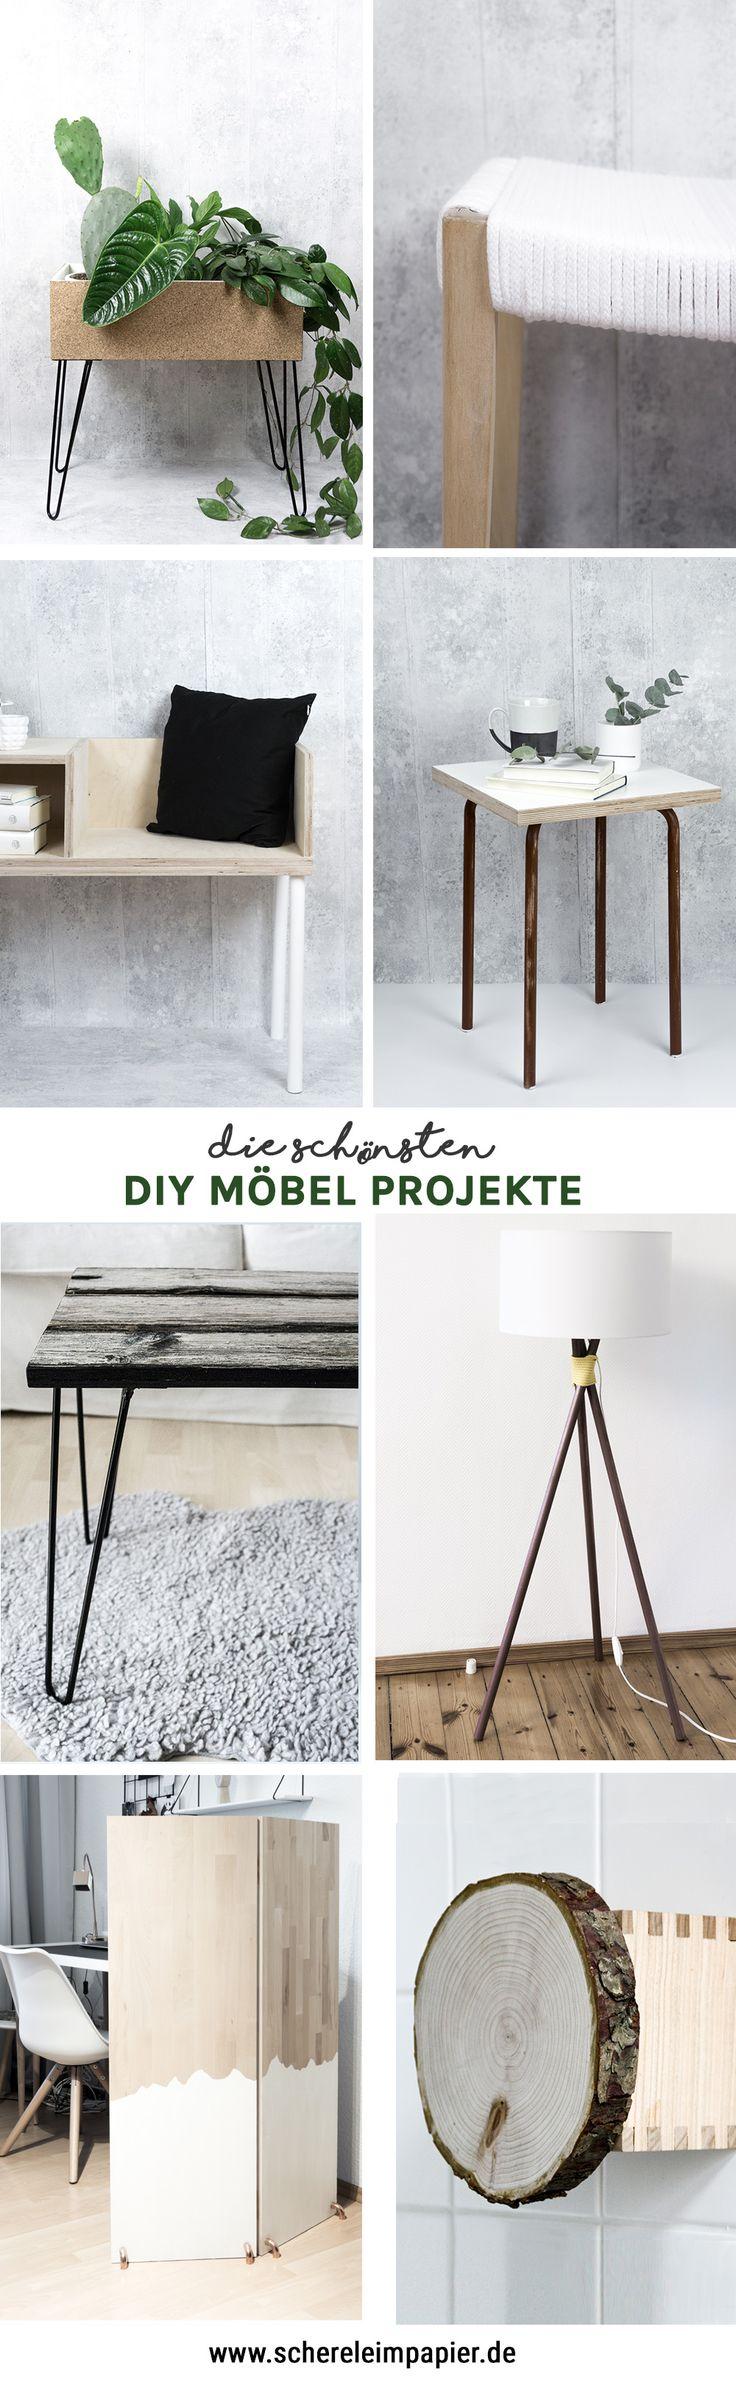 DIY Möbel Ideen: DIY Wohnen - Alle Anleitungen zu finden bei schereleimpapier.de | #diy #diymöbel #möbel |Möbel selber bauen, DIY Tisch, DIY Hocker, Einrichtung selber machen, Lampe selber bauen